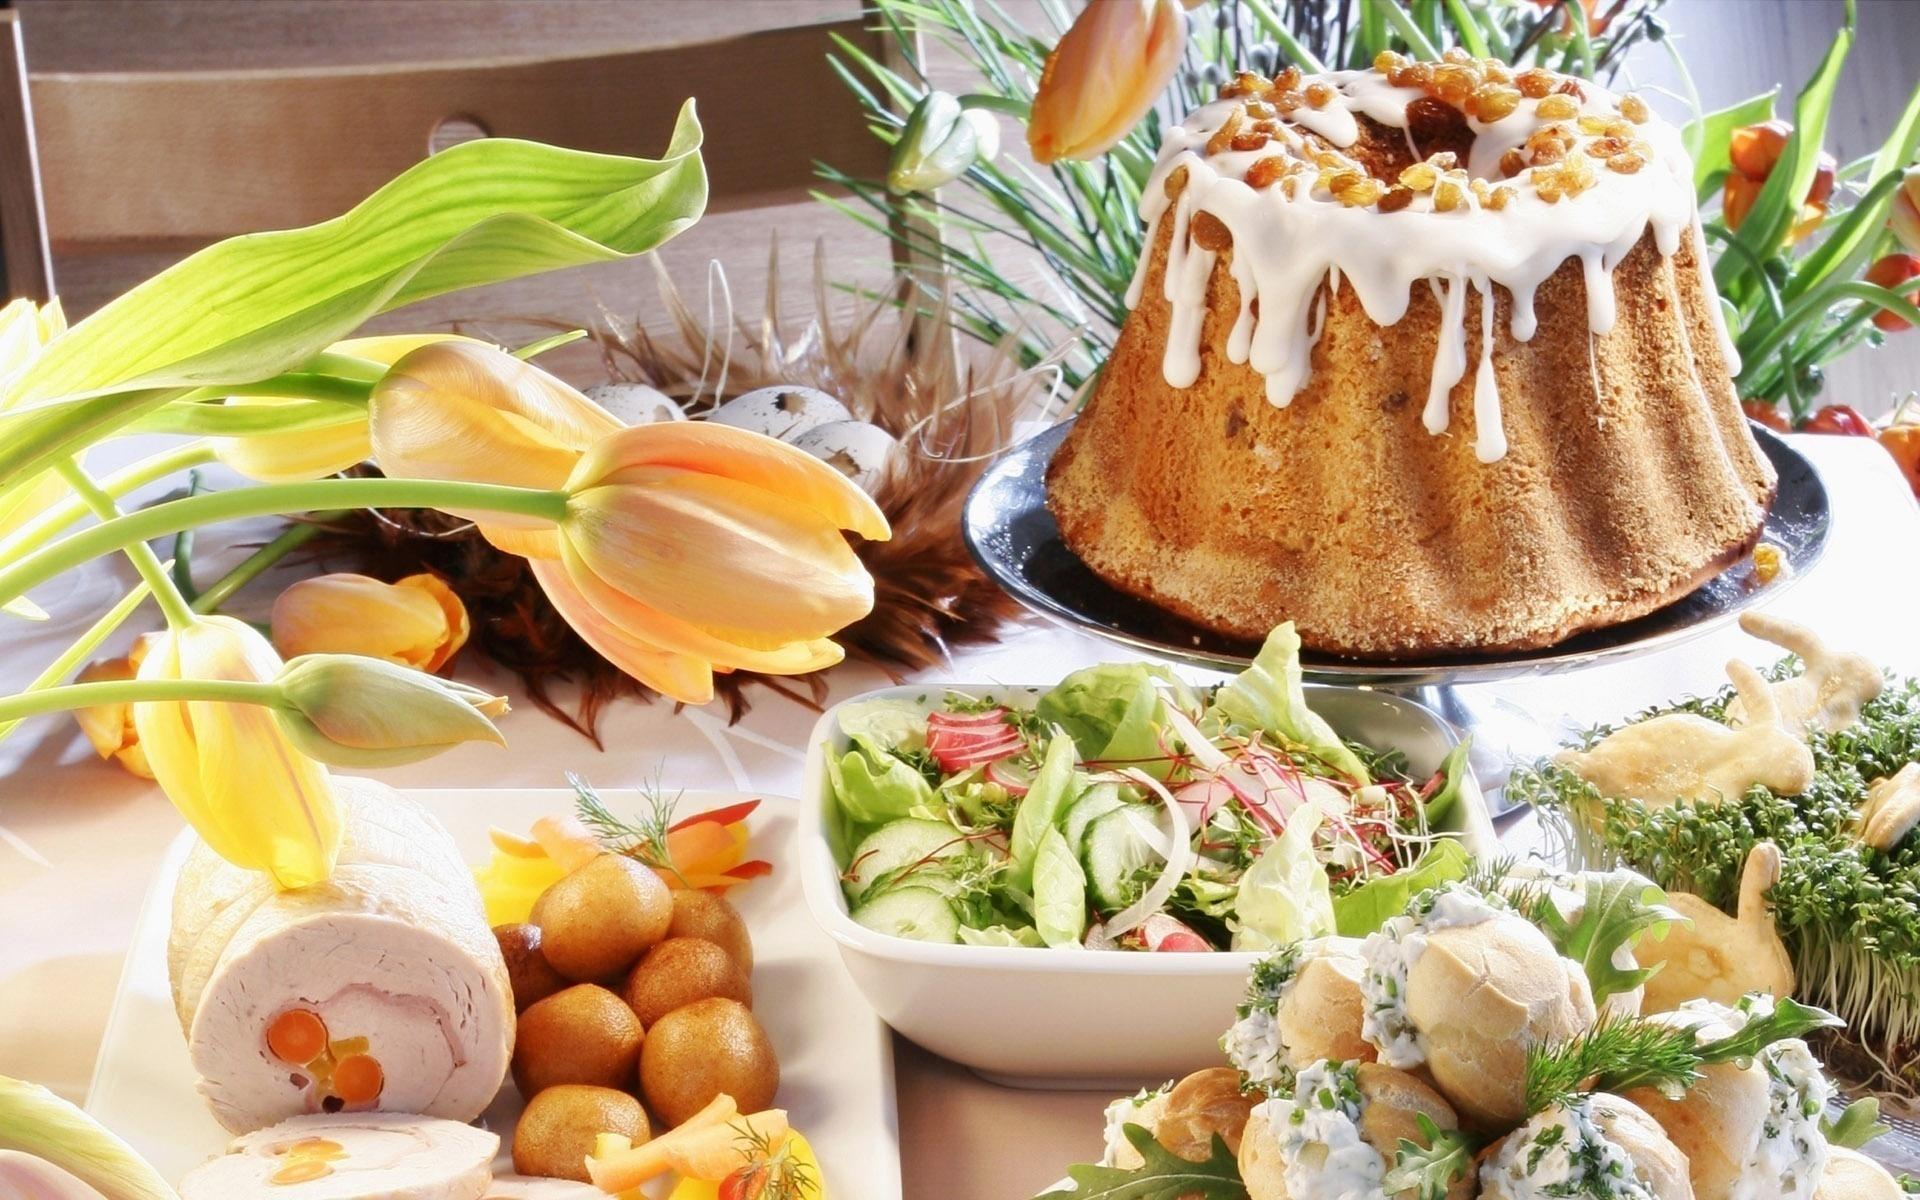 Предлагаю несколько рецептов блюд - пасхальный кулич, крашеные яйца, творожная пасха, рыбные и мясные блюда и традиционный сбитень.готовьте, накрывайте стол, угощайте гостей.